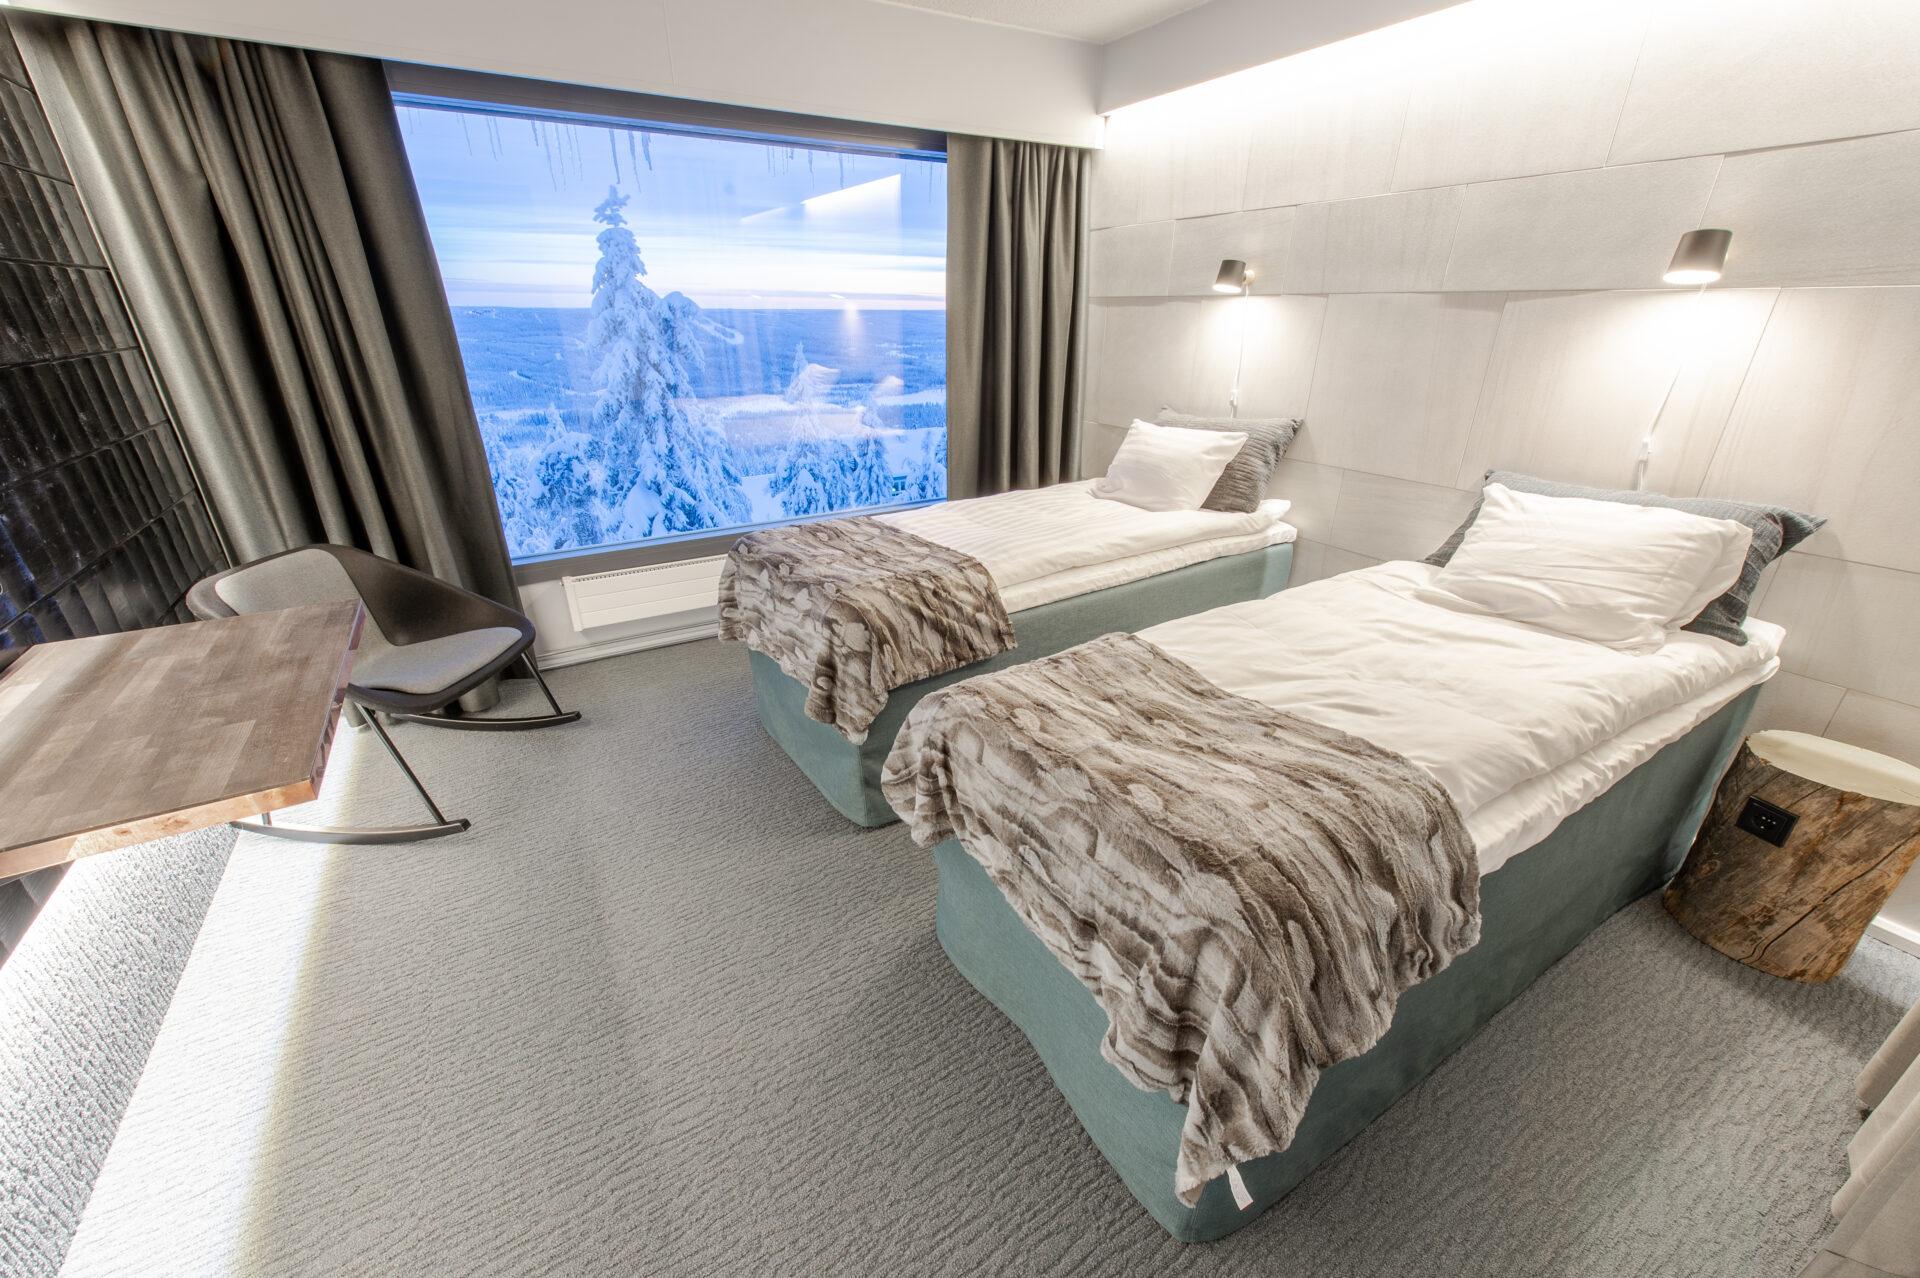 Reindeer room - standaard tweepersoonskamer Iso-Syöte